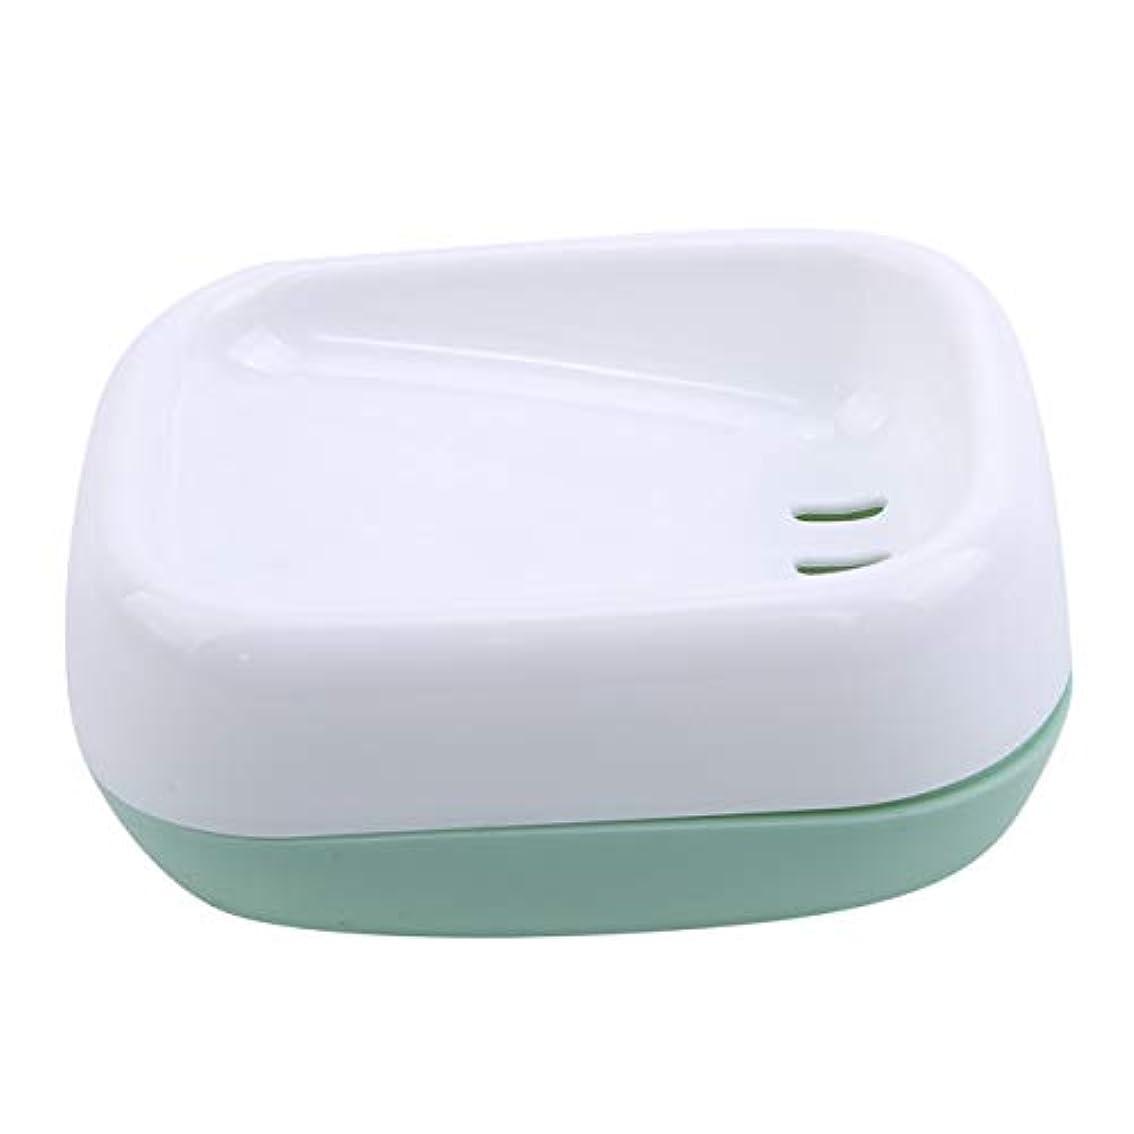 殉教者二十アレルギーZALINGソープディッシュボックス浴室プラスチック二重層衛生的なシンプル排水コンテナソープディッシュグリーン